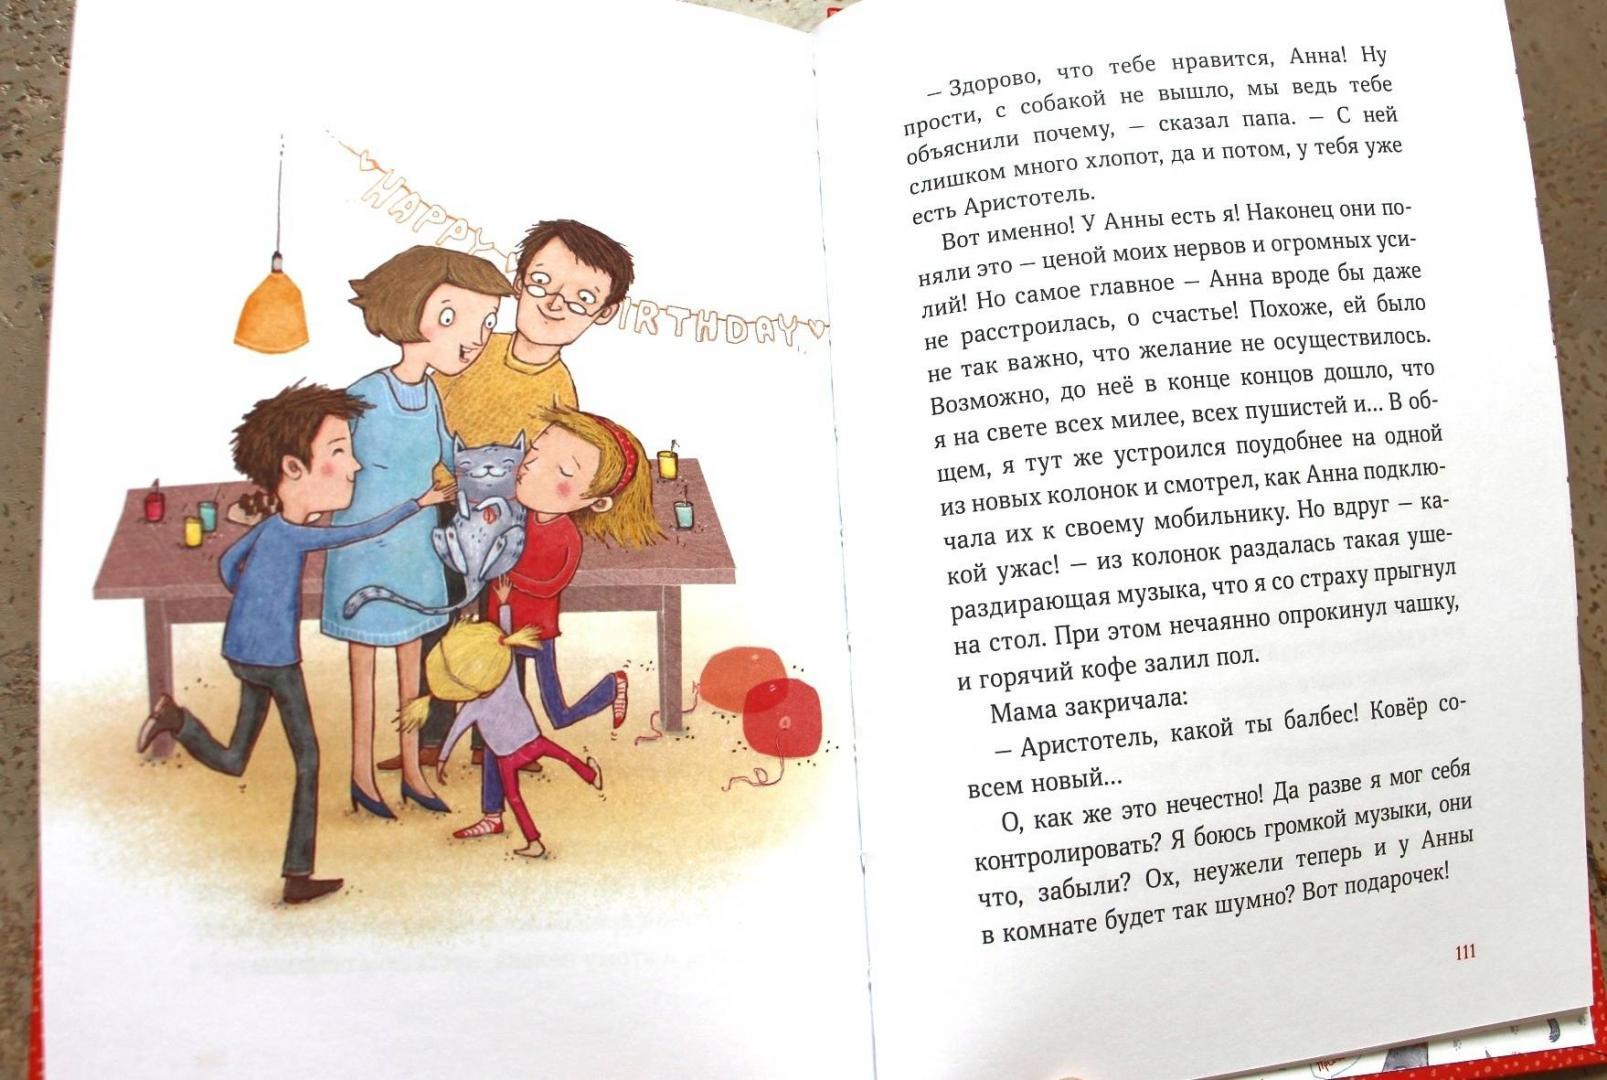 Иллюстрация 23 из 36 для А кота спросить забыли? - Аннетте Херцог | Лабиринт - книги. Источник: Анна К.